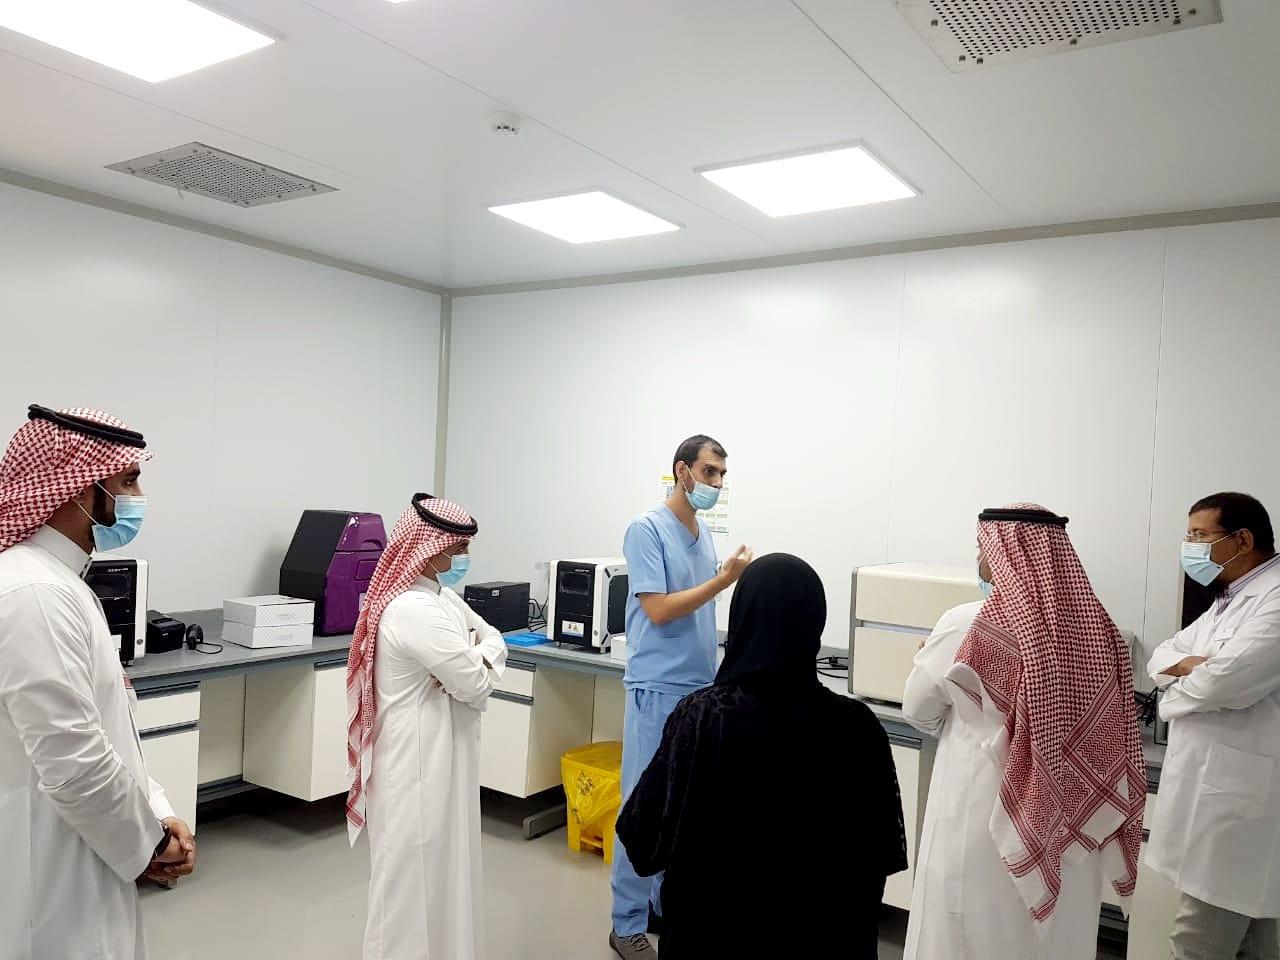 البيئة تعلن جاهزية مختبراتها البيطرية خلال موسم الحج - المواطن